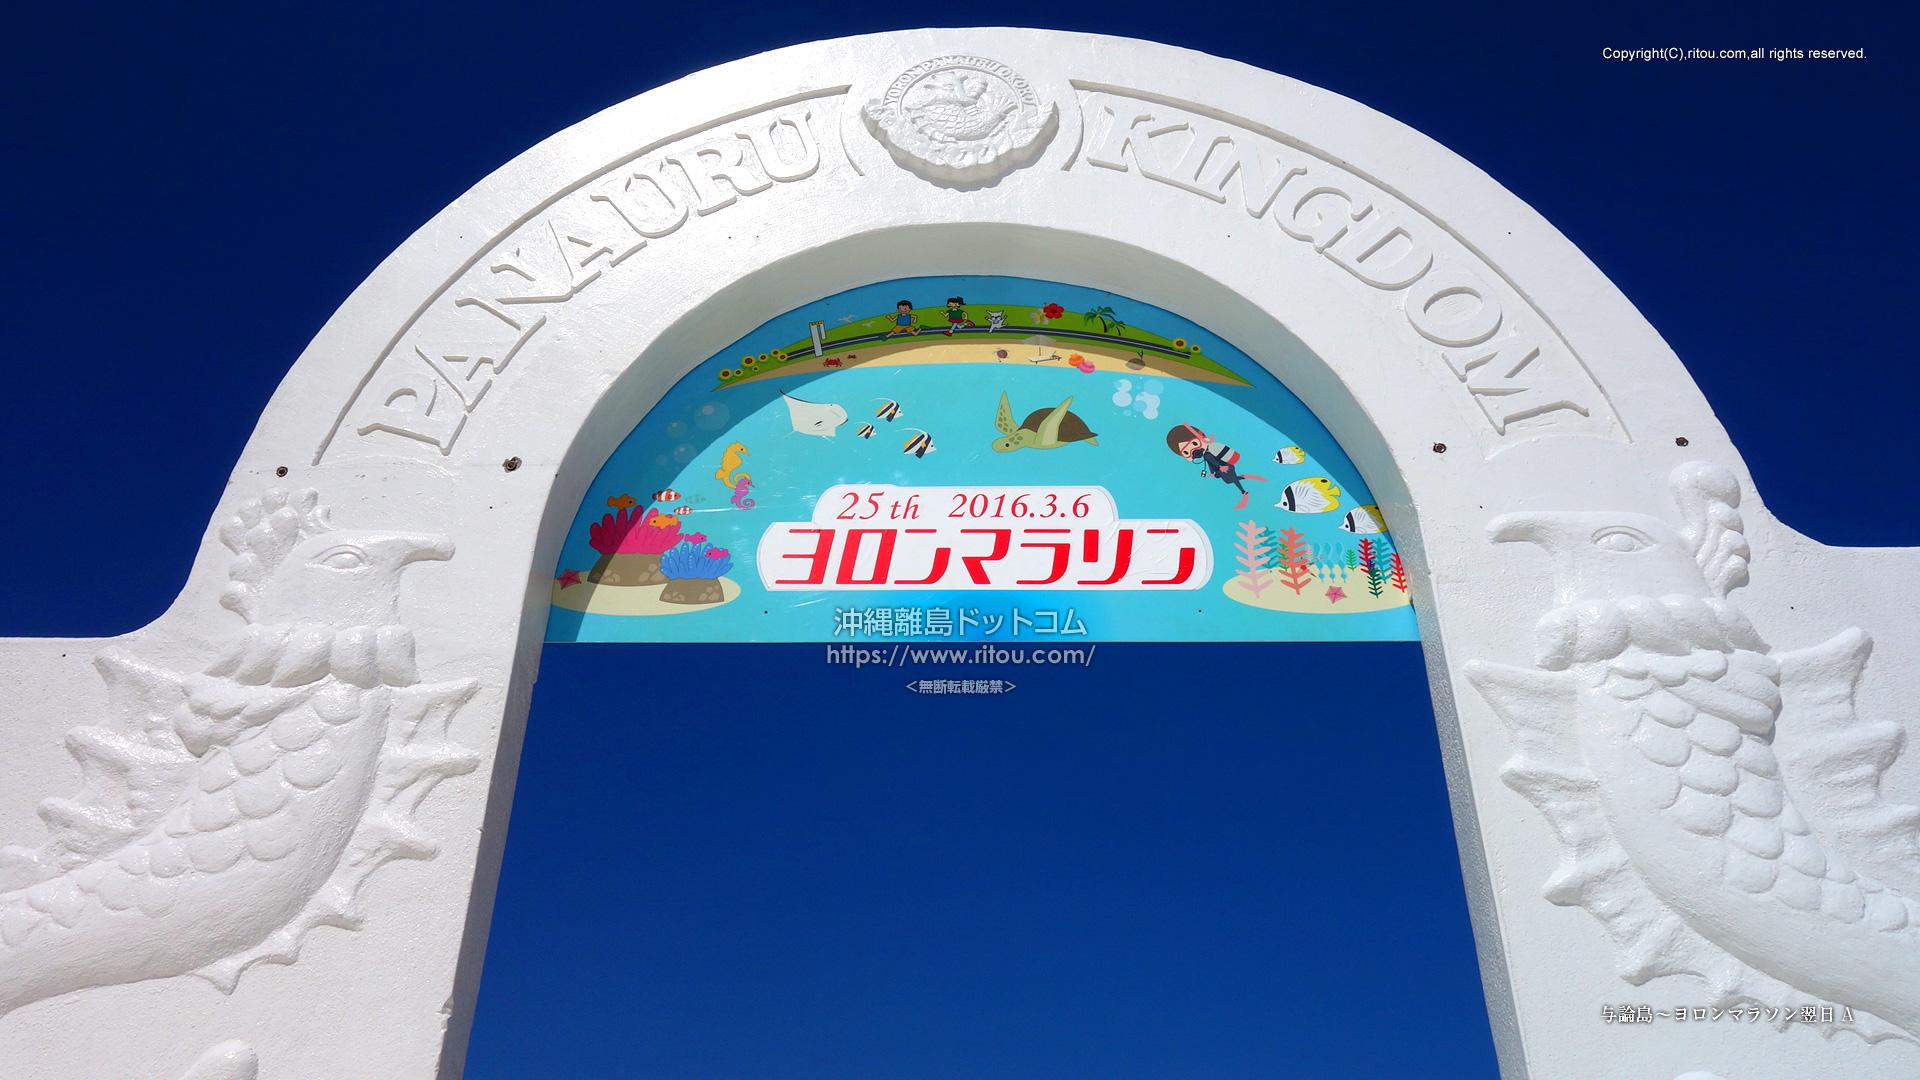 与論島〜ヨロンマラソン翌日A